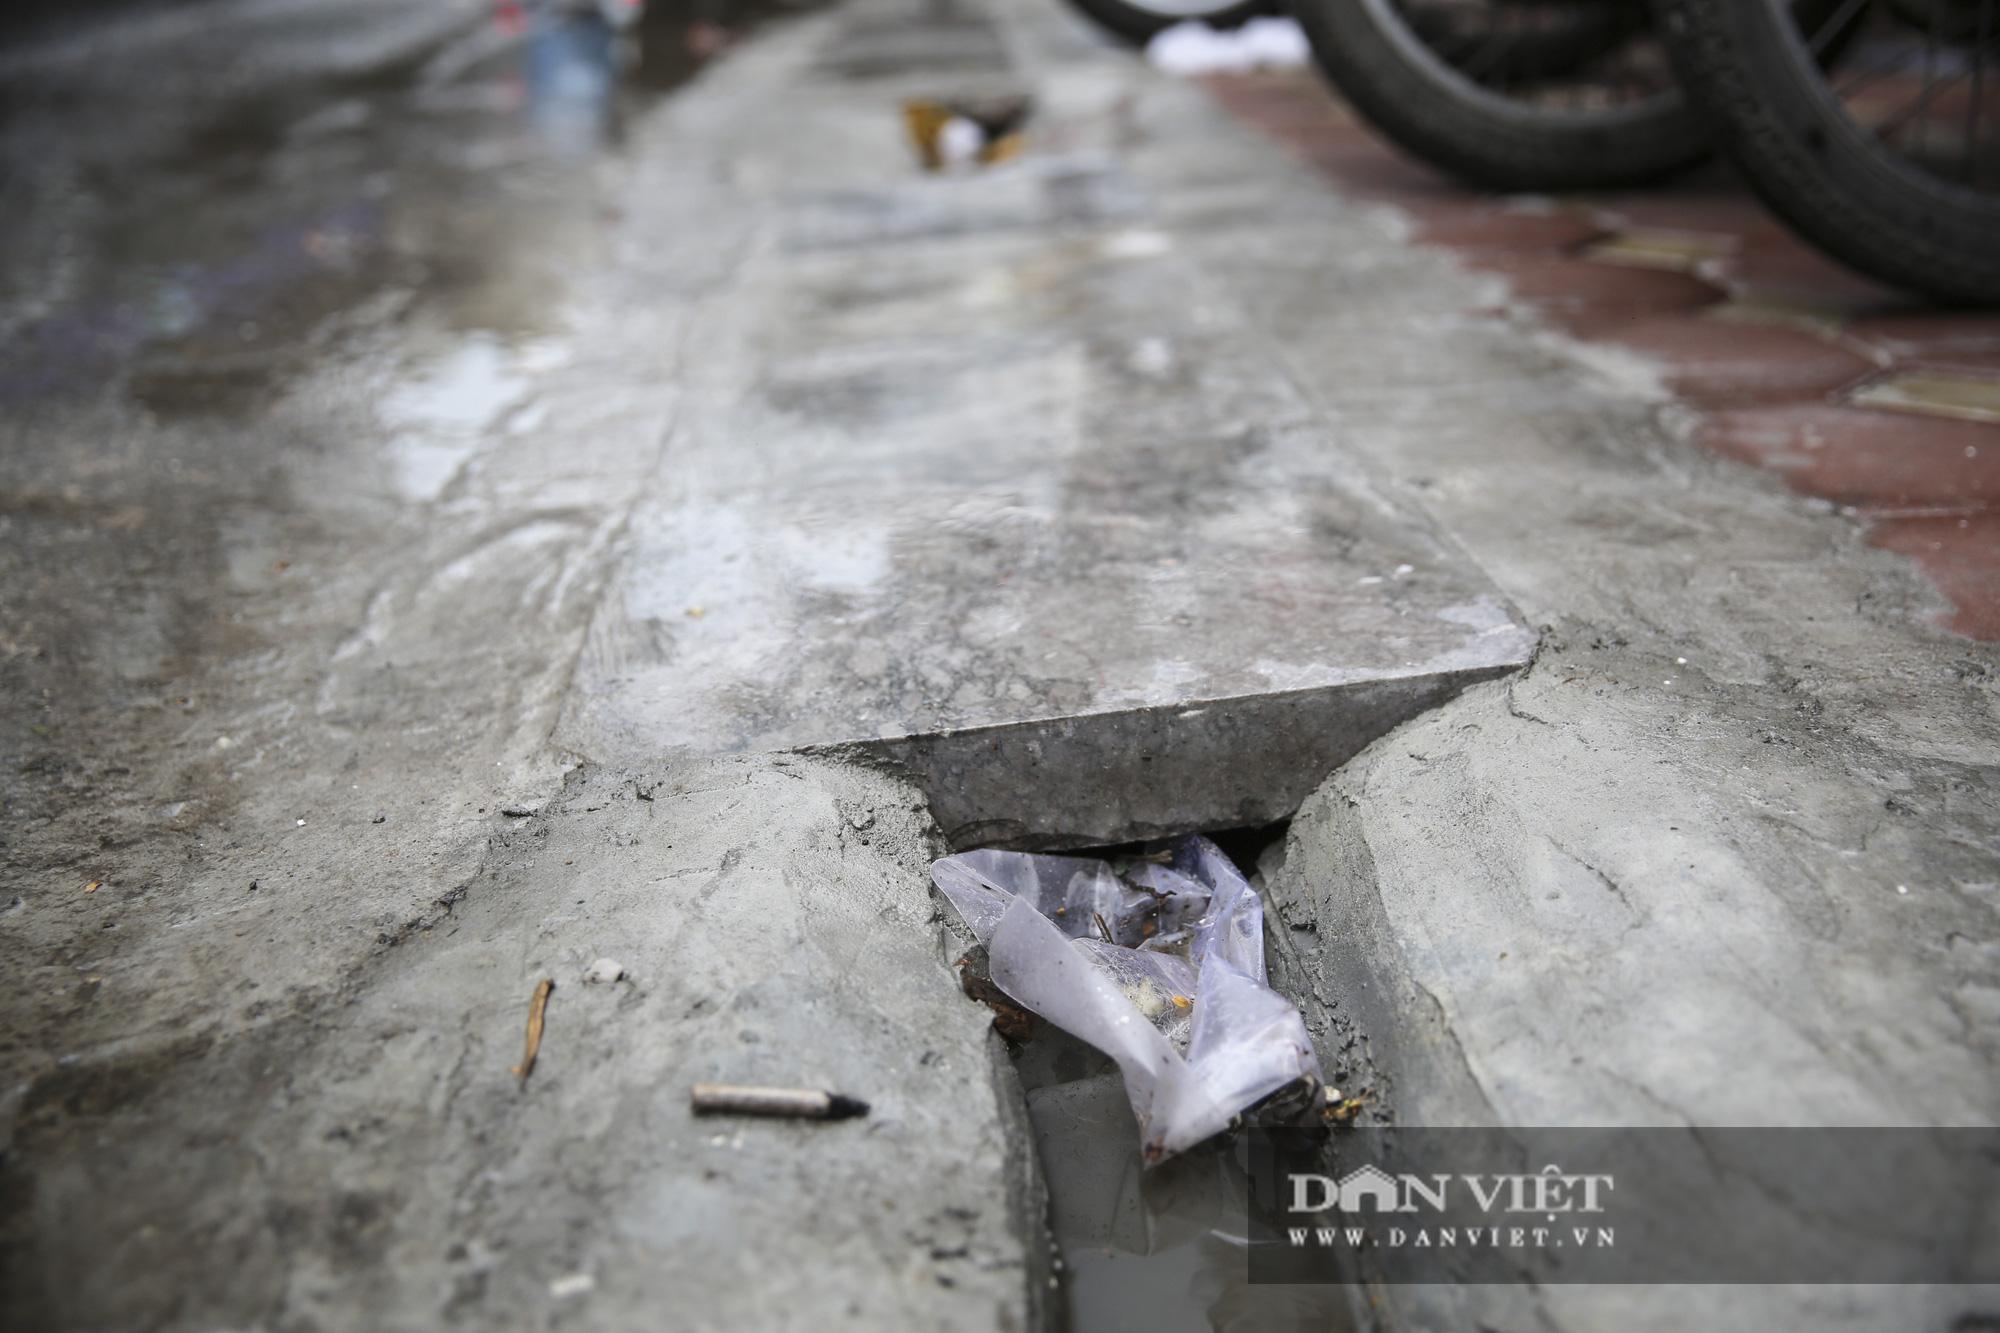 Hệ thống thoát nước bị xâm lấn, Hà Nội đứng trước nguy cơ ngập úng do mưa bão - Ảnh 3.